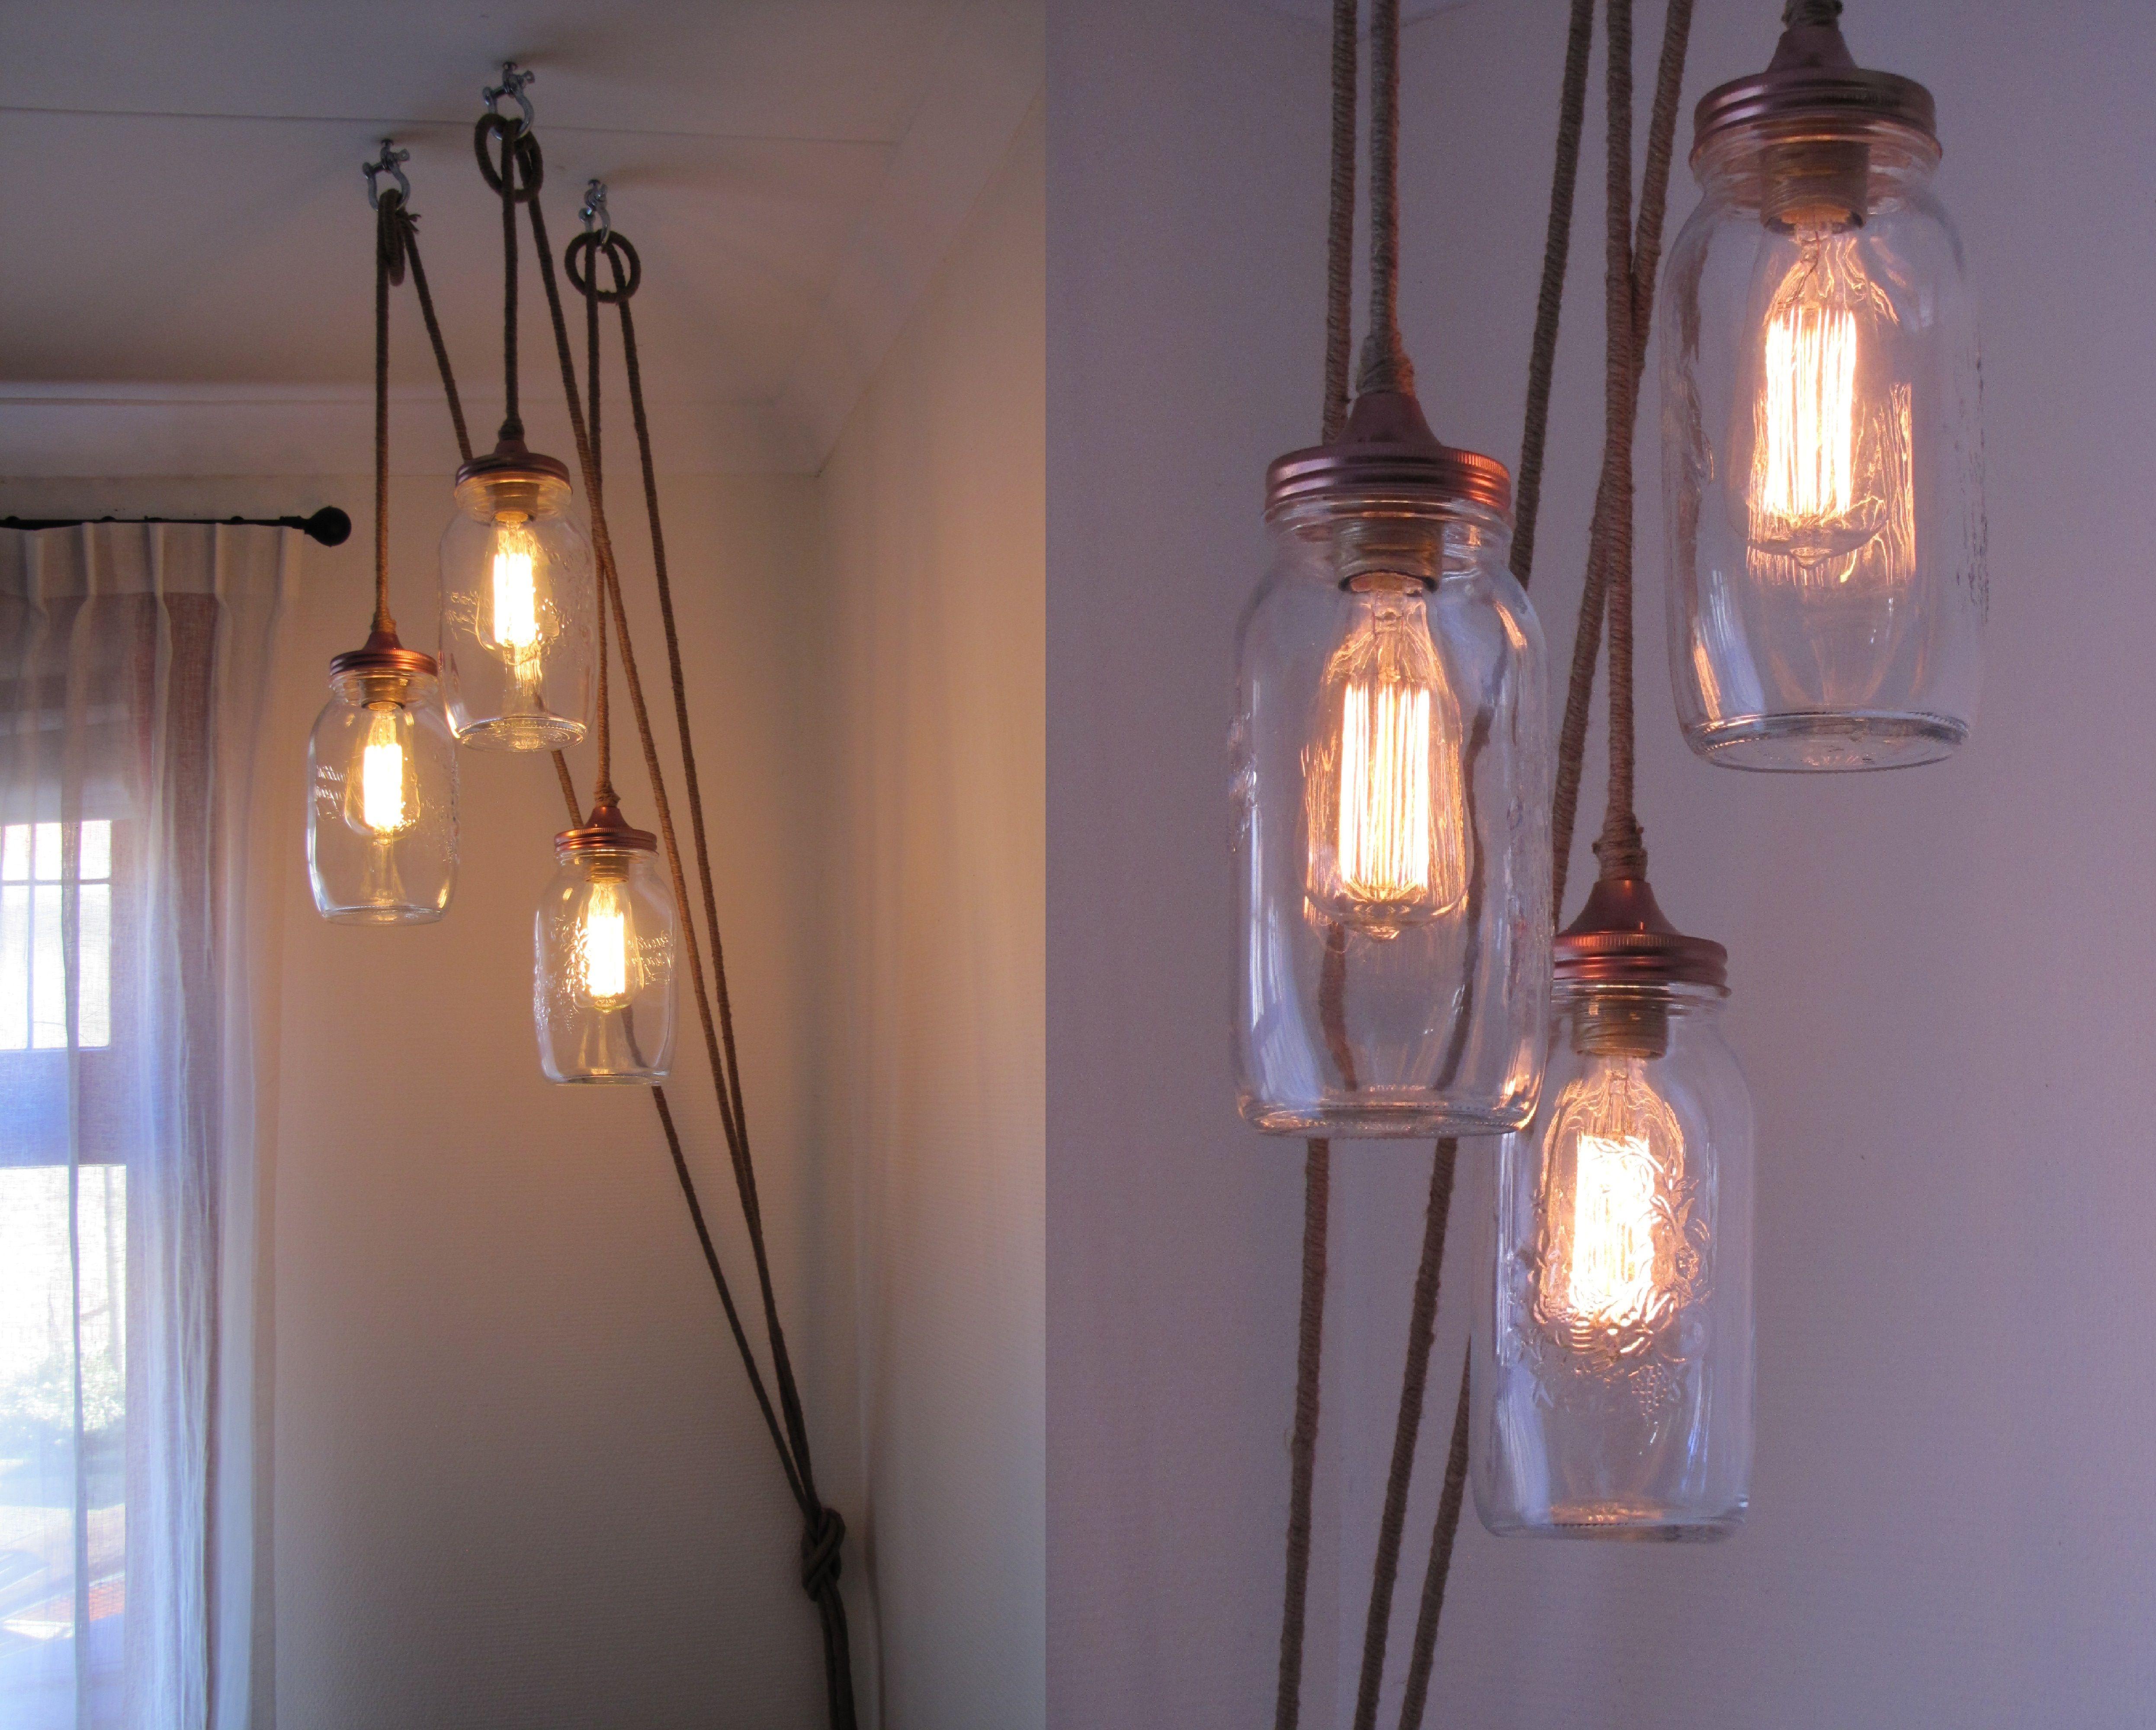 Klassieke kooldraad lamp in glazen potten aan snoer met